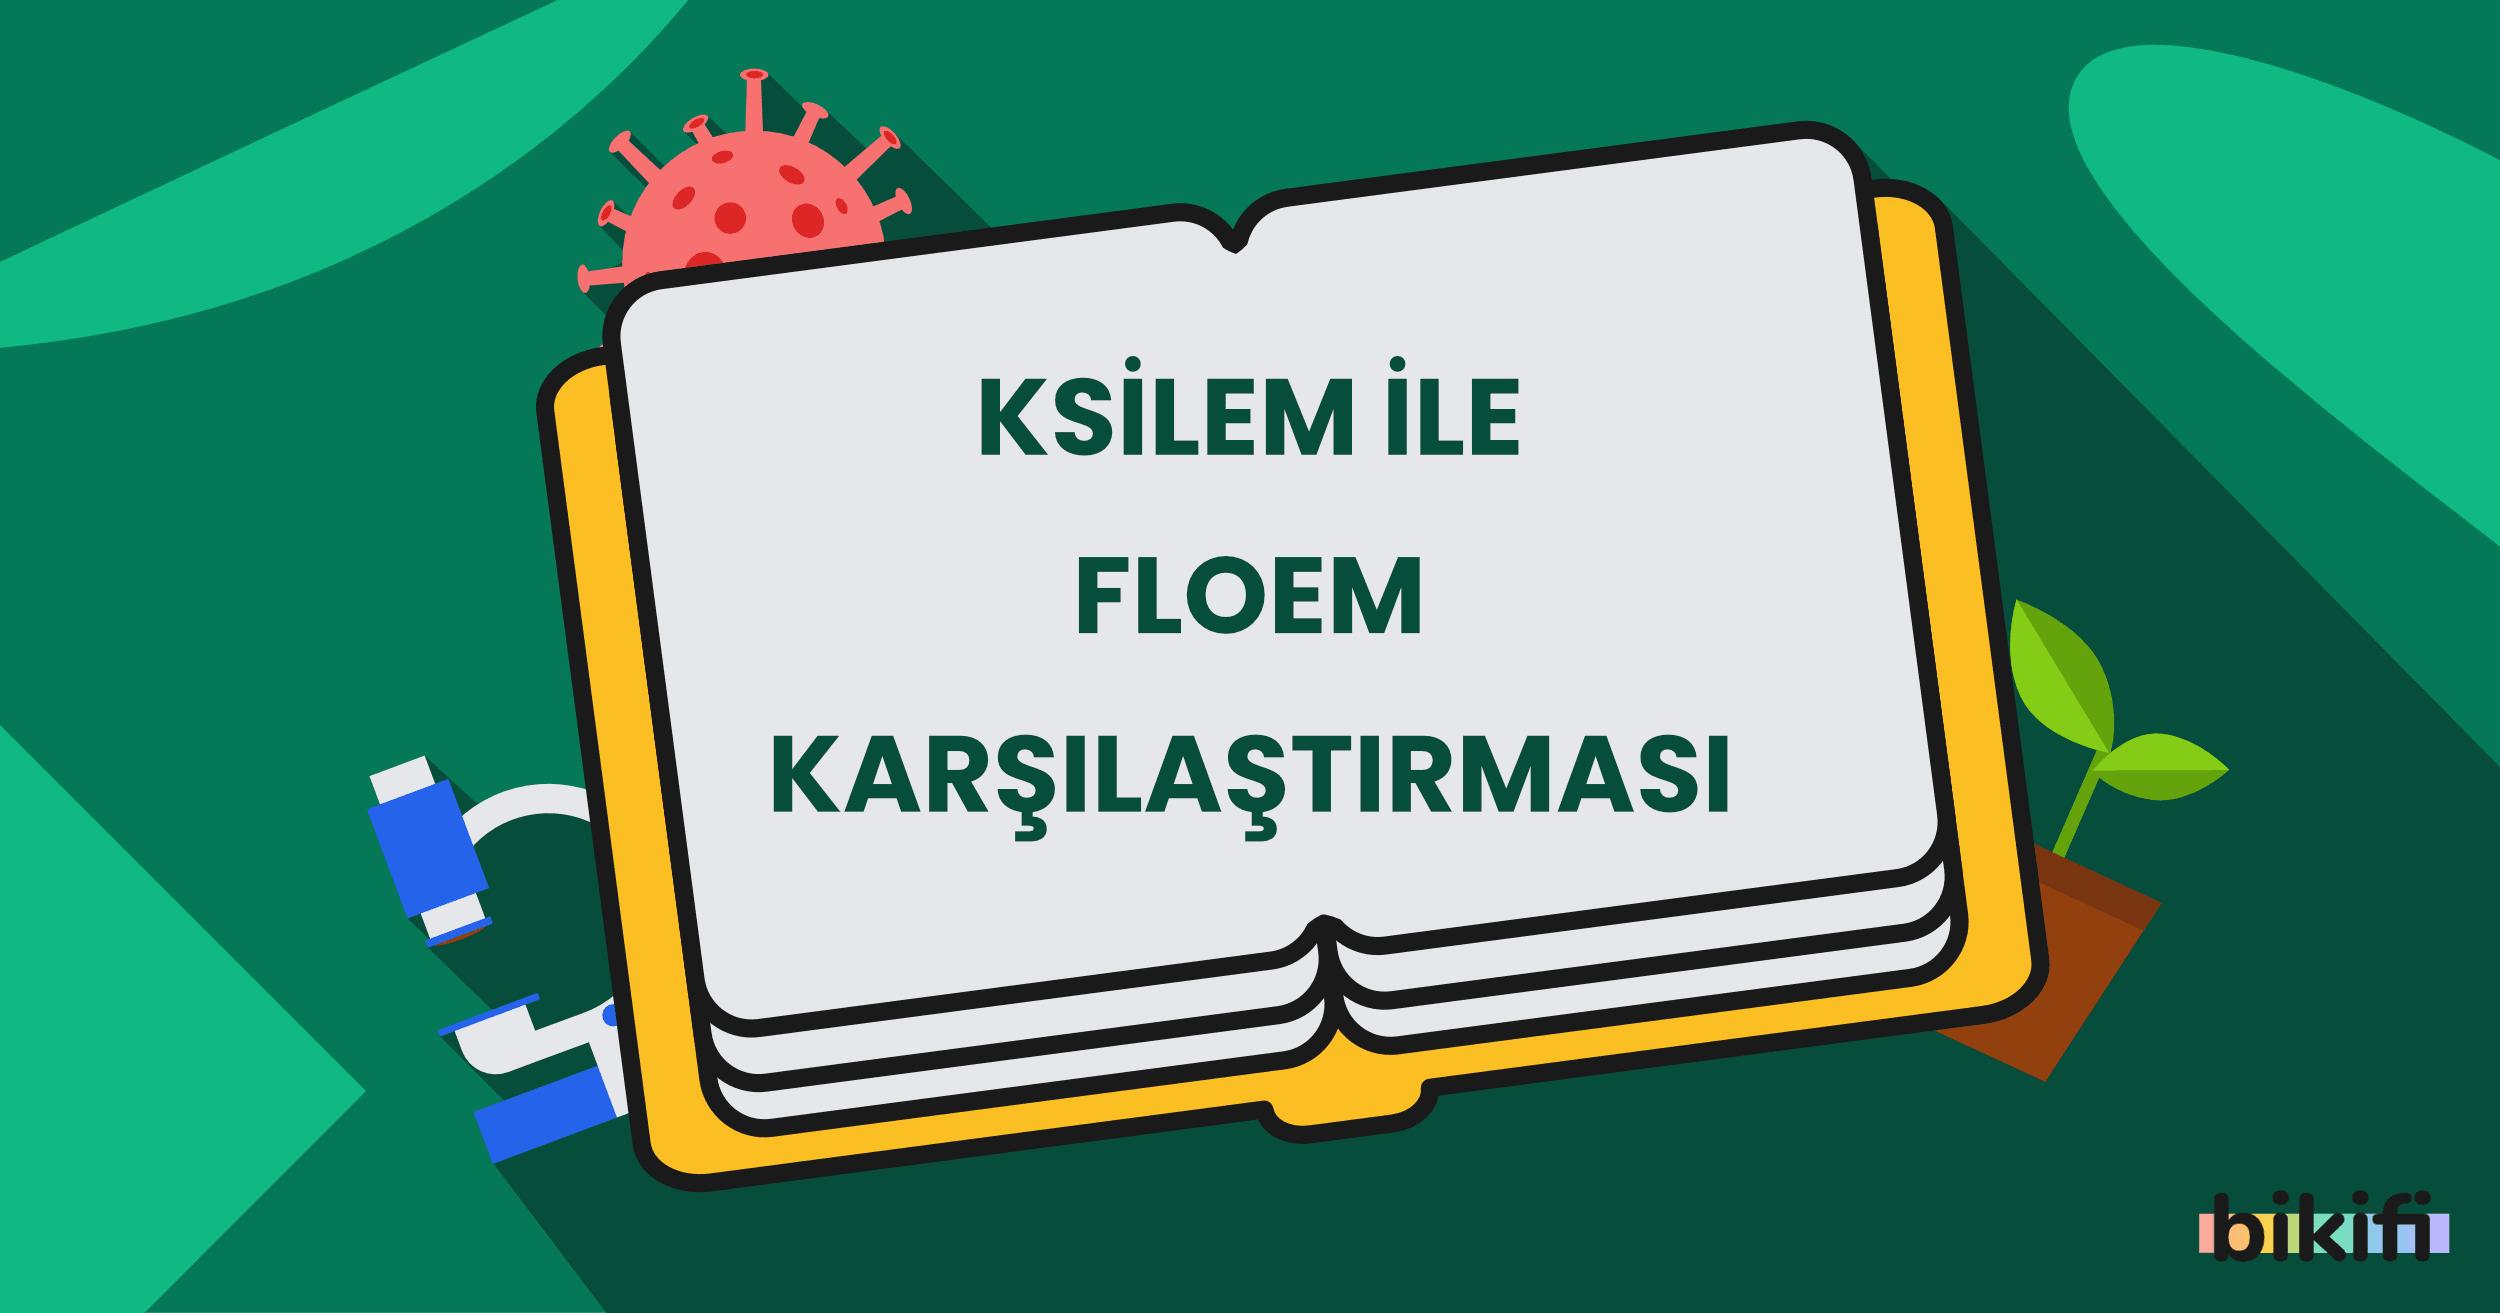 Ksilem ile Floem Karşılaştırması